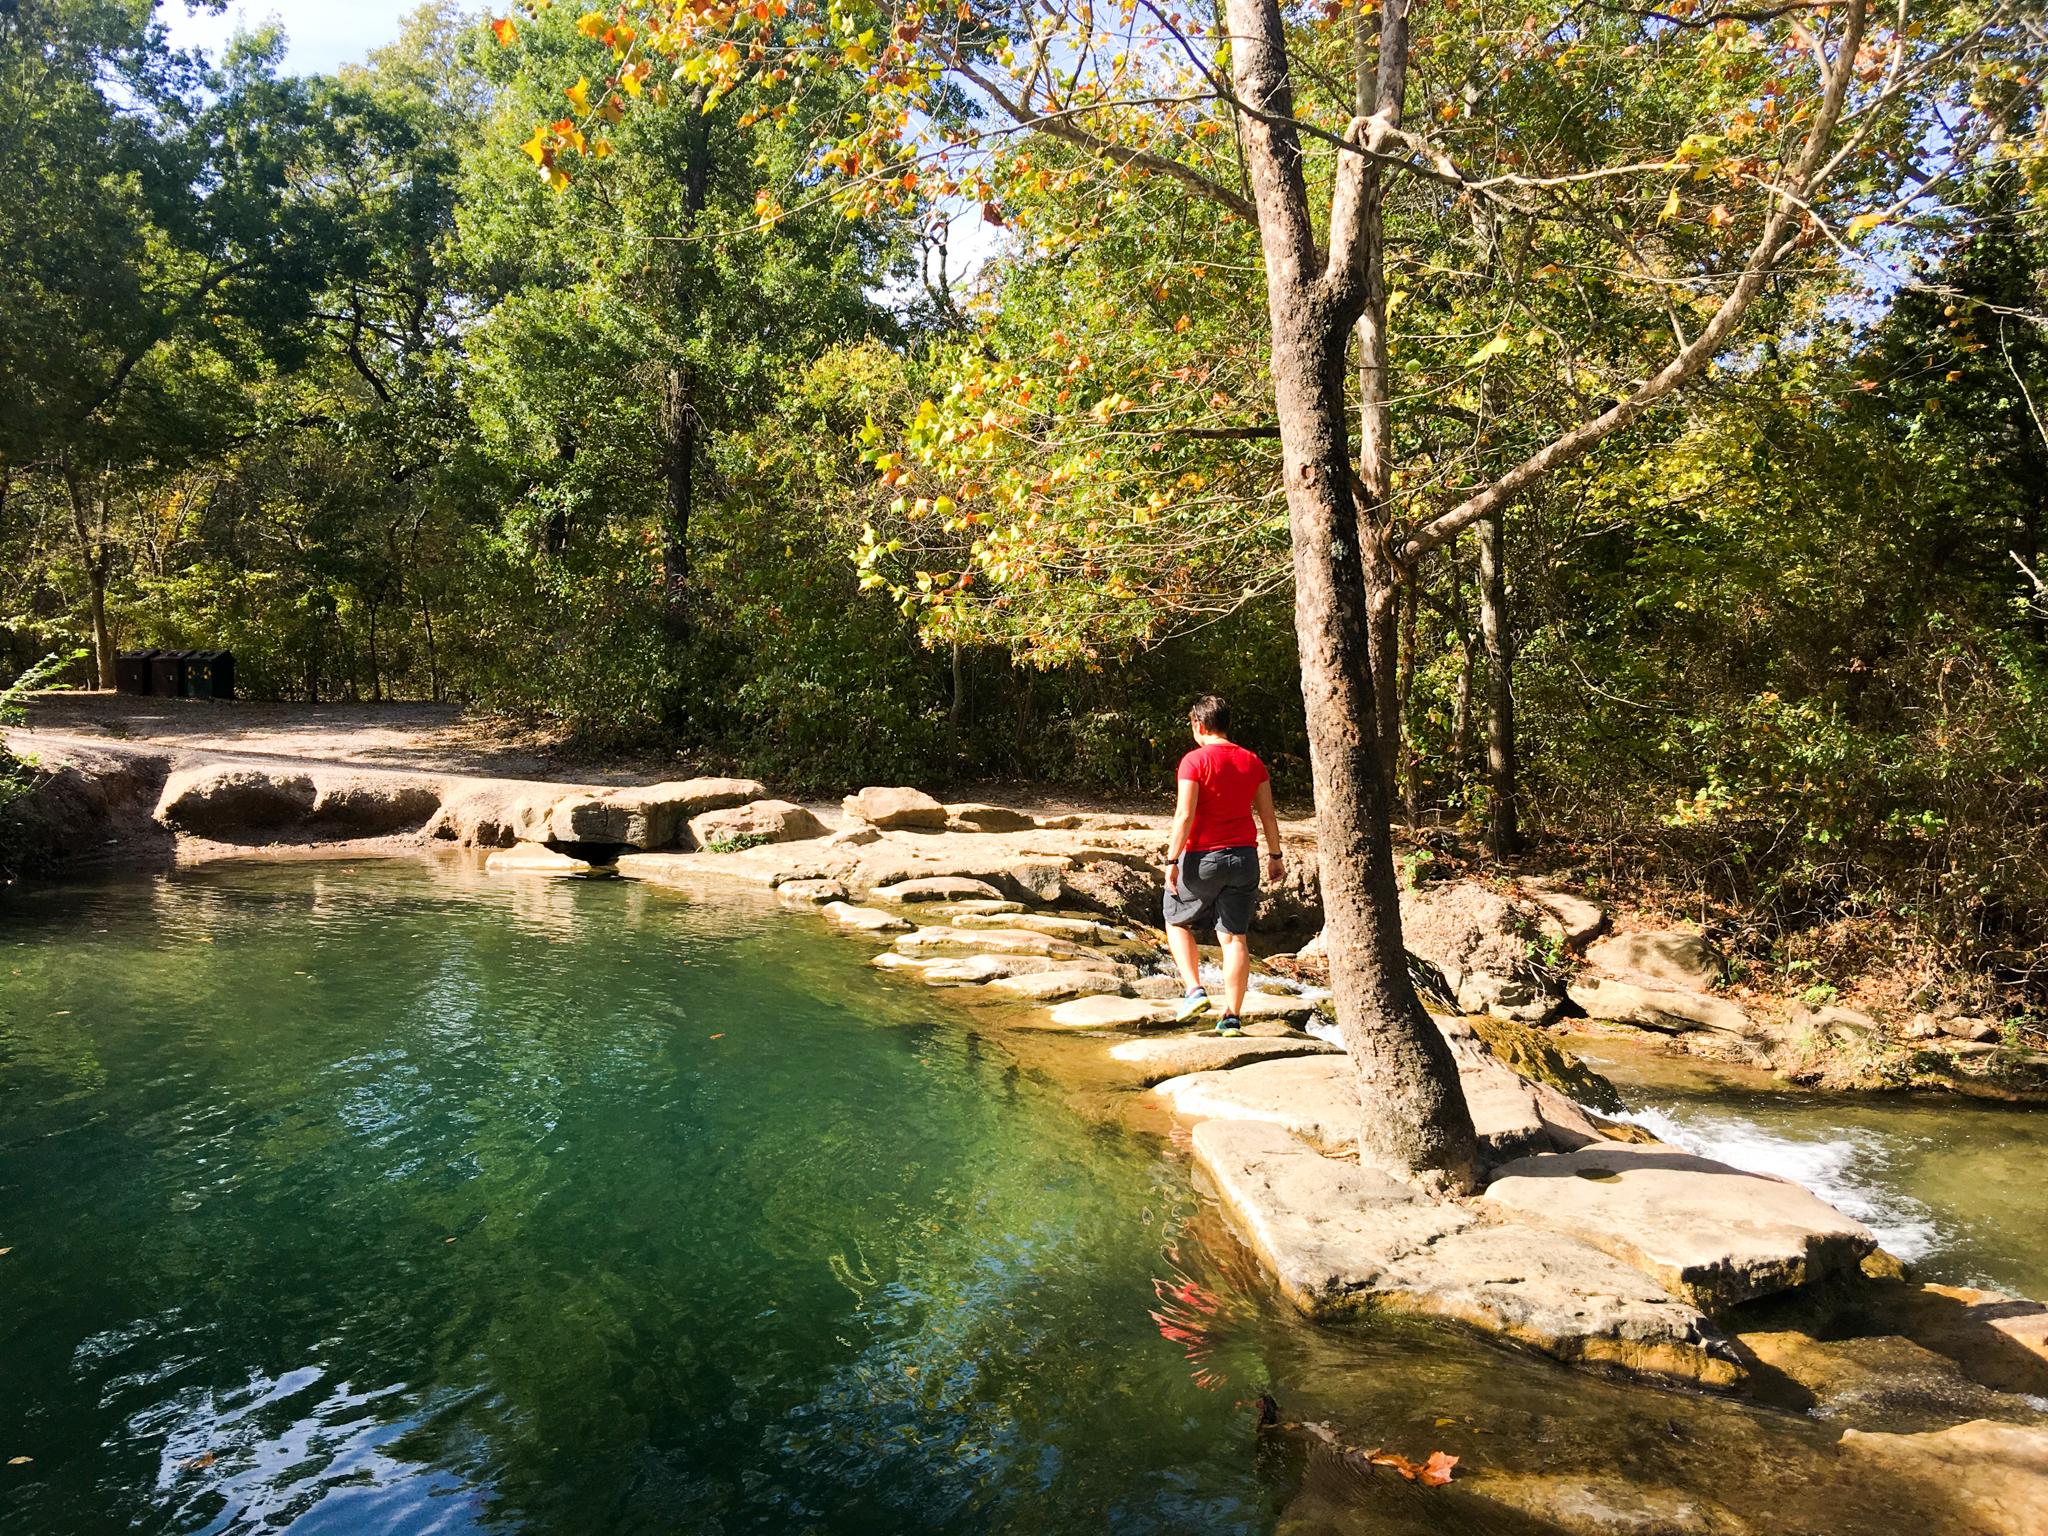 Pool at Platt National Park